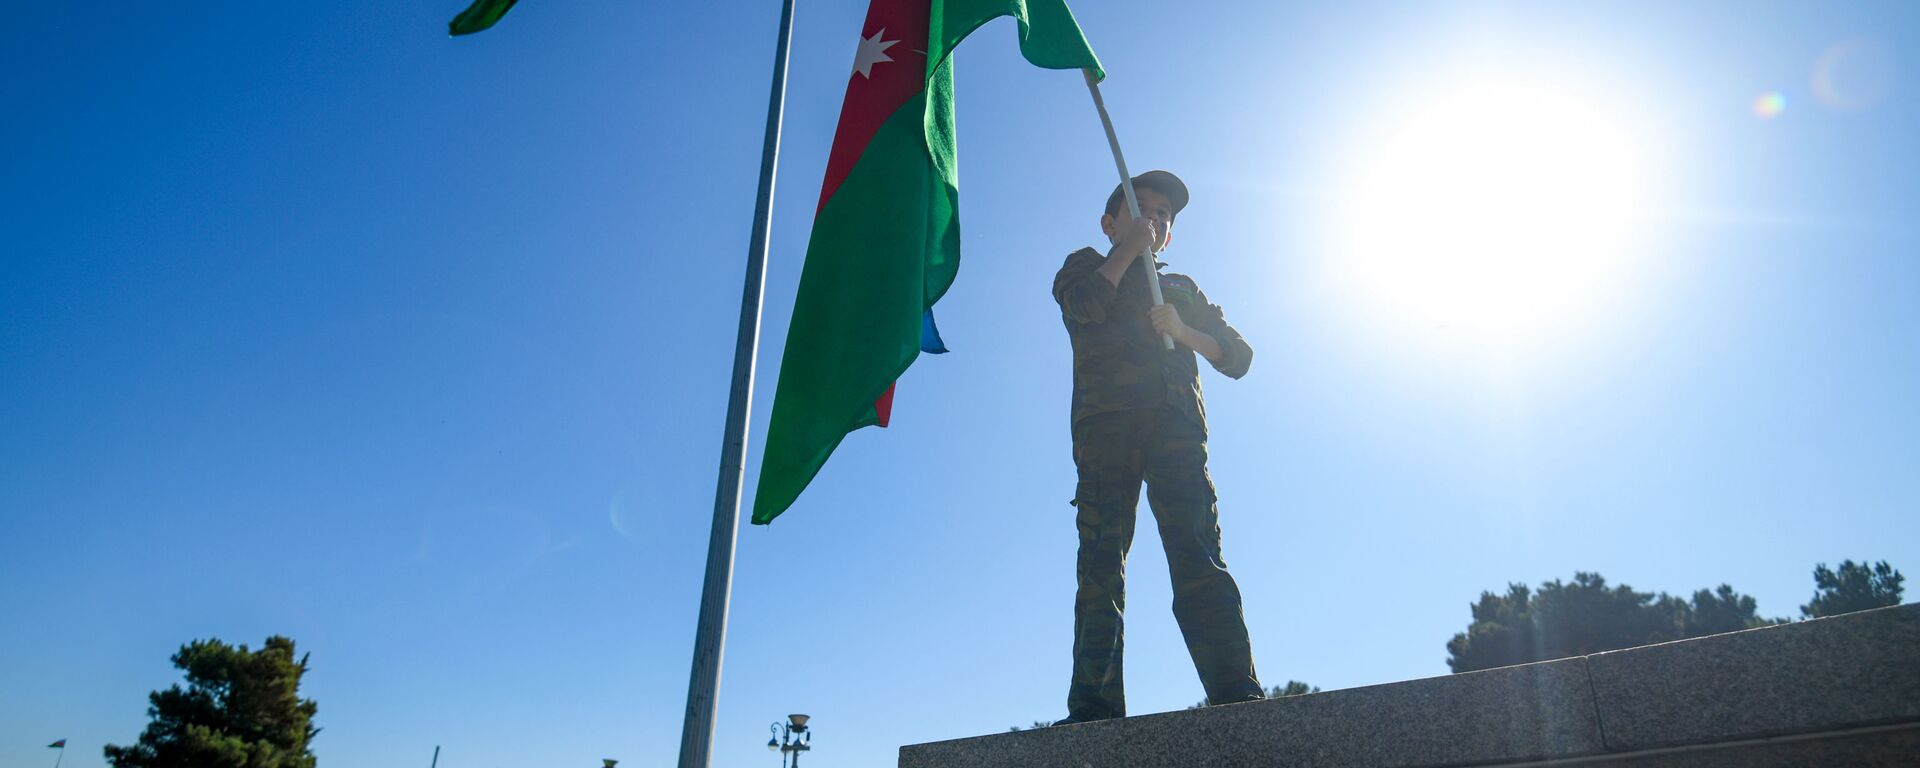 Акция на бакинском бульваре, приуроченная ко Дню Государственного флага - Sputnik Азербайджан, 1920, 20.01.2021